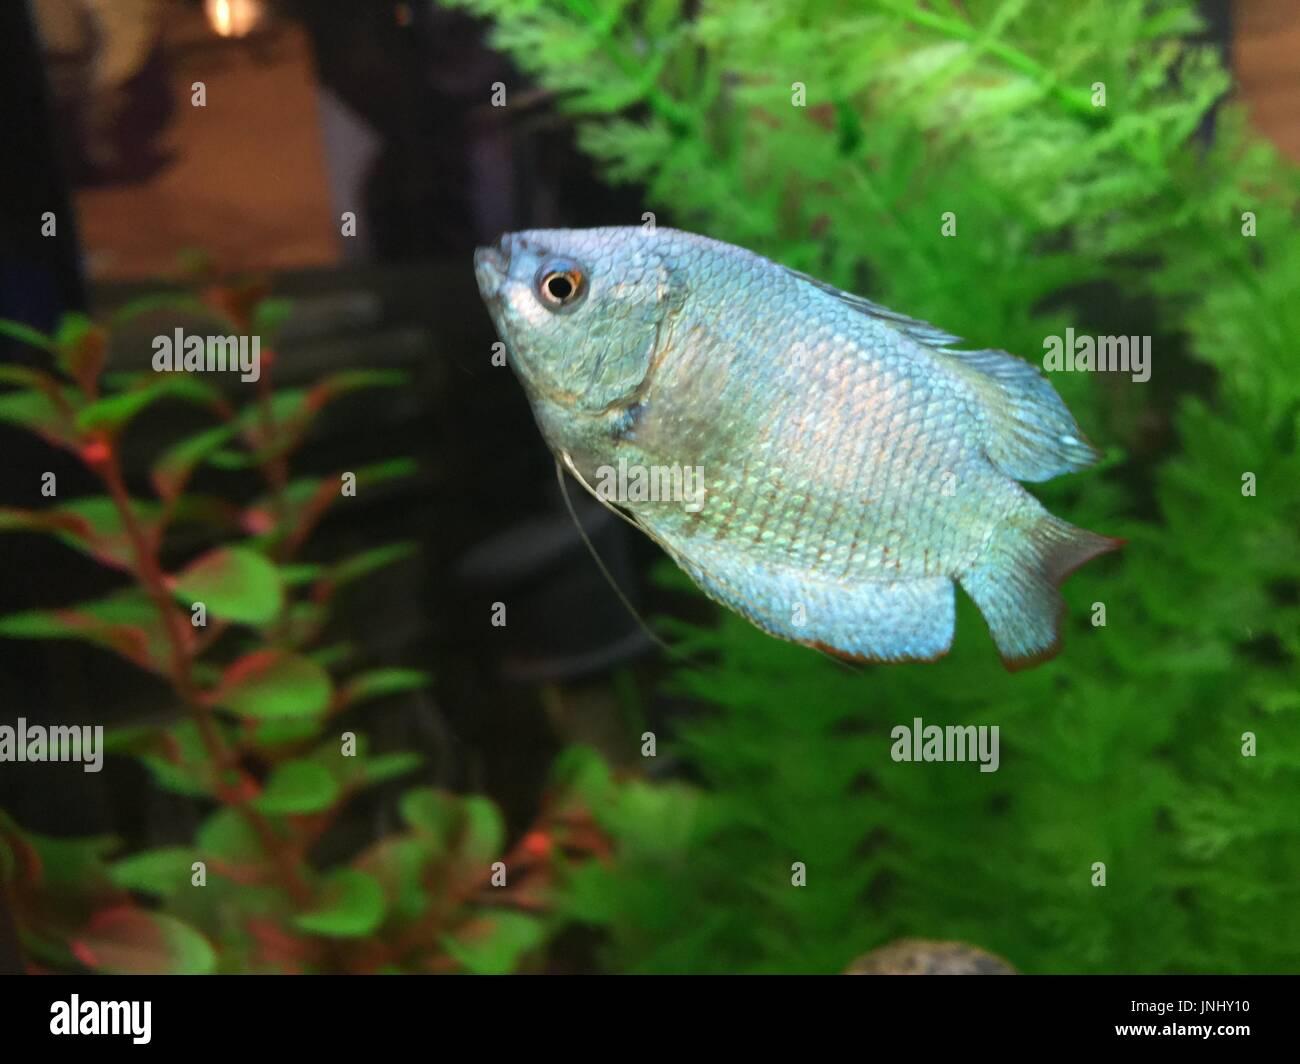 Freshwater Fish Biology Stock Photos & Freshwater Fish Biology Stock ...